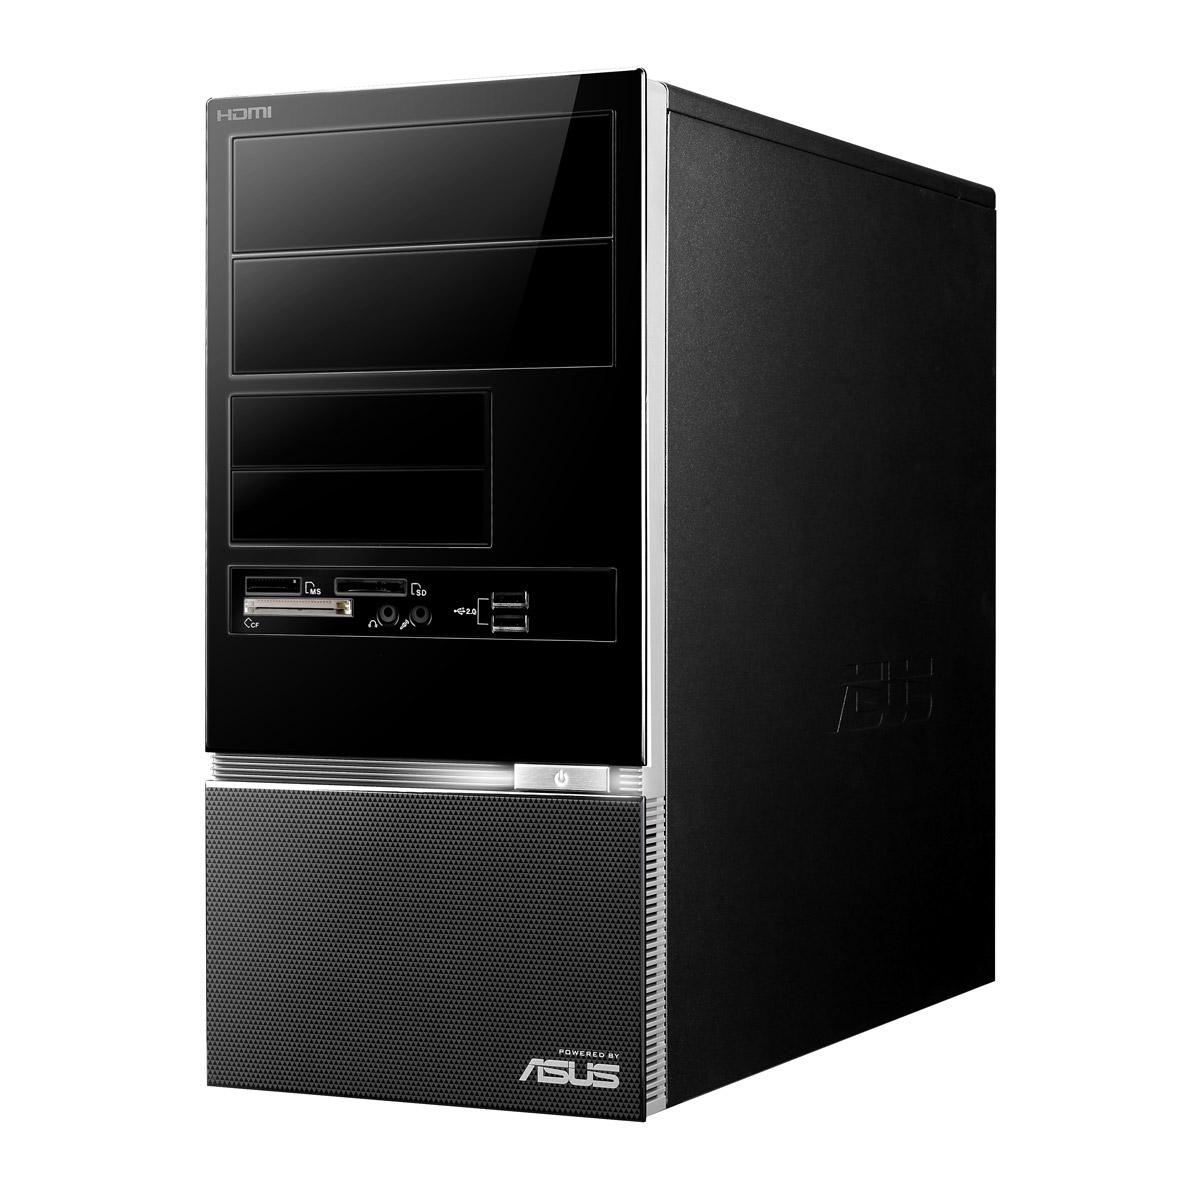 Barebone PC ASUS V6-P8H61E (Intel H61 Express) ASUS V6-P8H61E - Barebone PC Socket 1155 Intel H61 Express - HDMI - SATA 3 Gbps - USB 3.0 - 1x PCI-Express 2.0 16x